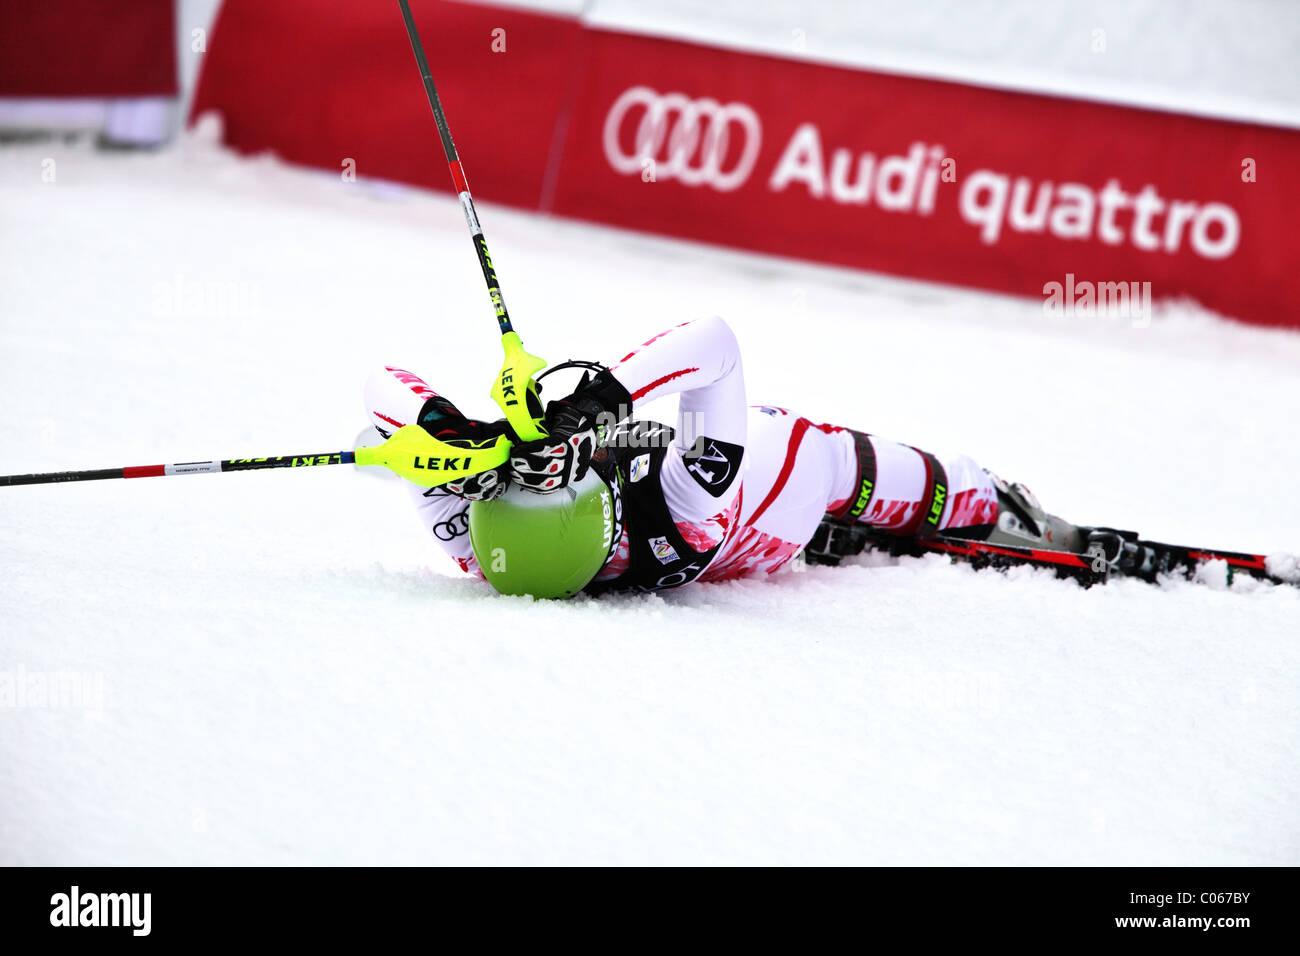 Anna Fenninger (AUT) at the FIS Alpine World Ski Championships 2011 in Garmisch-Partenkirchen - Stock Image